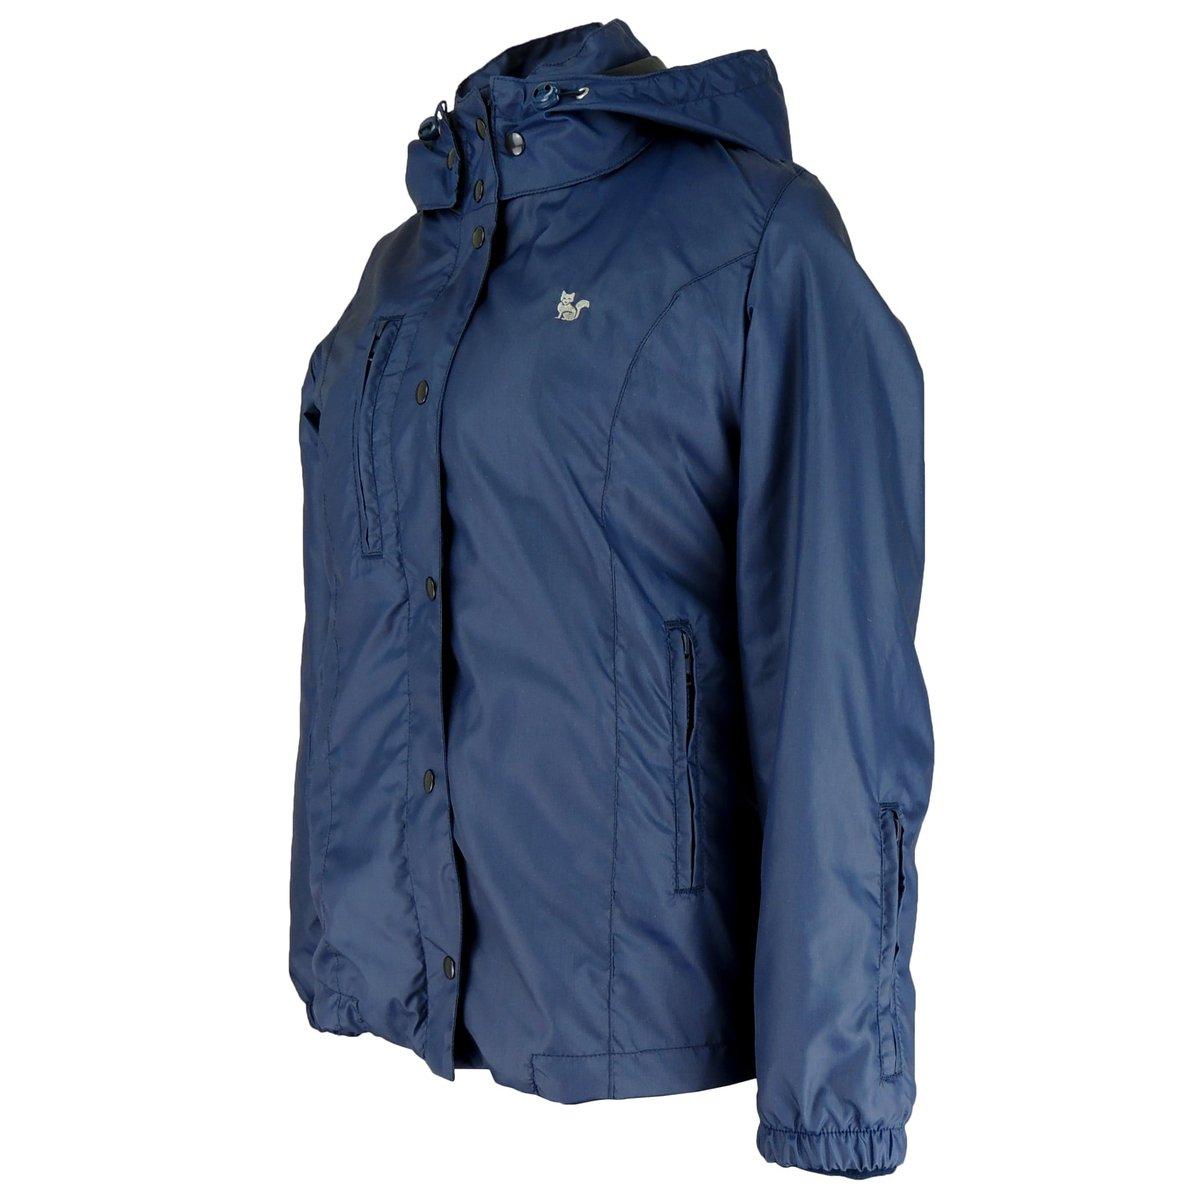 Casaco Térmico Feminino 3 em 1 Mountain Creek - Azul Escuro - Compre ... 3a03ba6a9cf